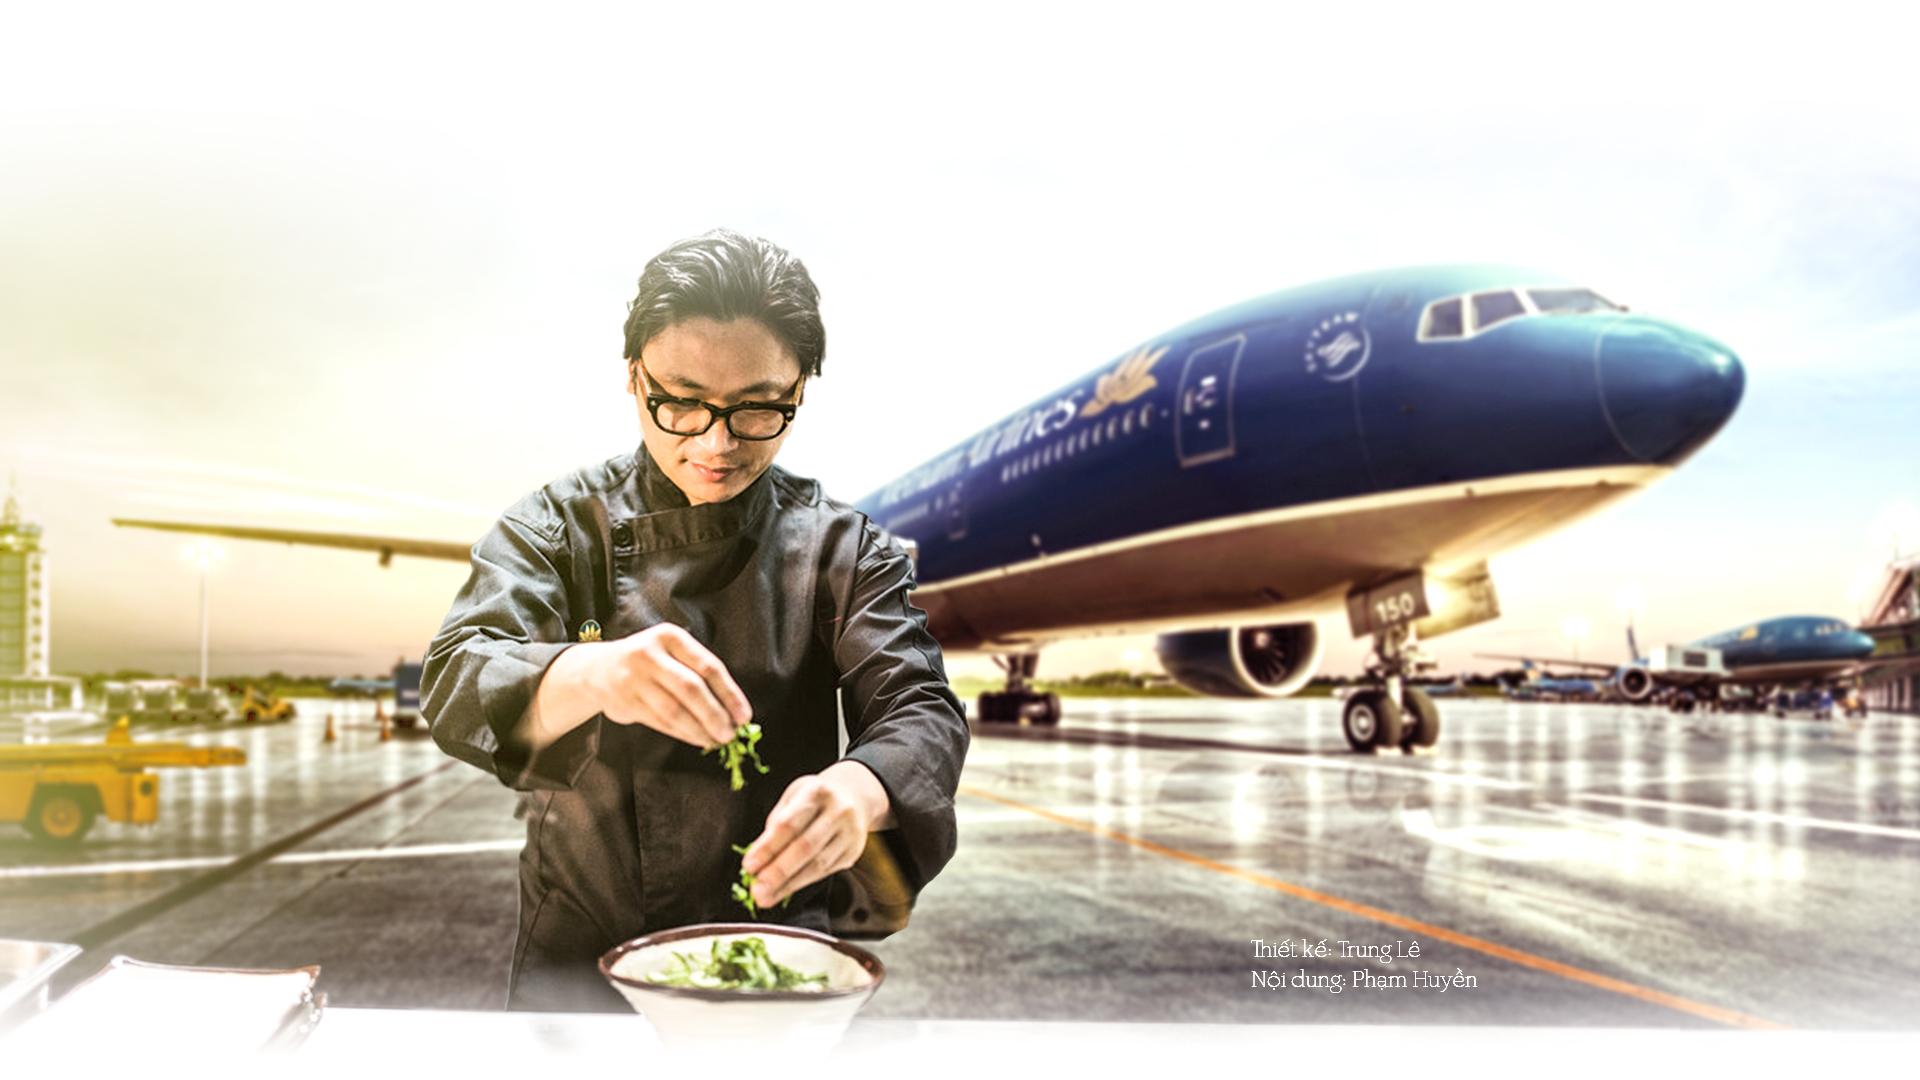 Luke Nguyễn và hành trình đưa ẩm thực Việt Nam ra thế giới